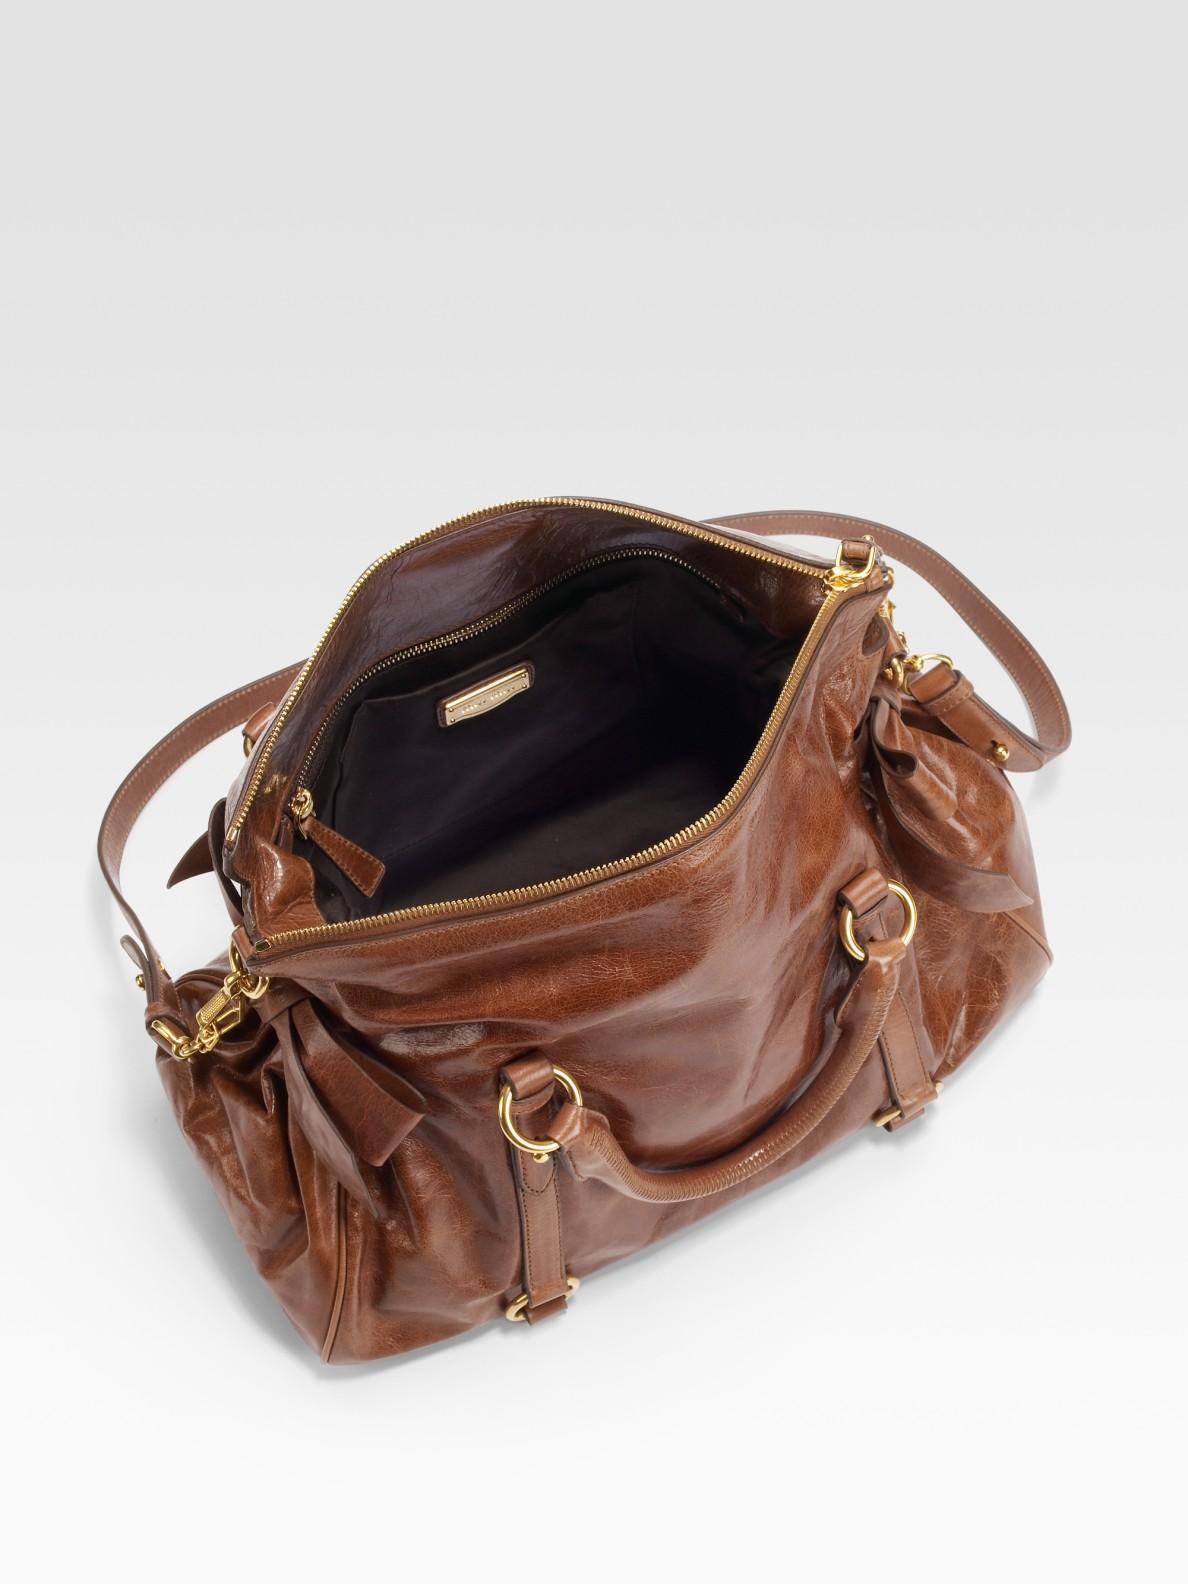 Miu Miu Large Bow Bag